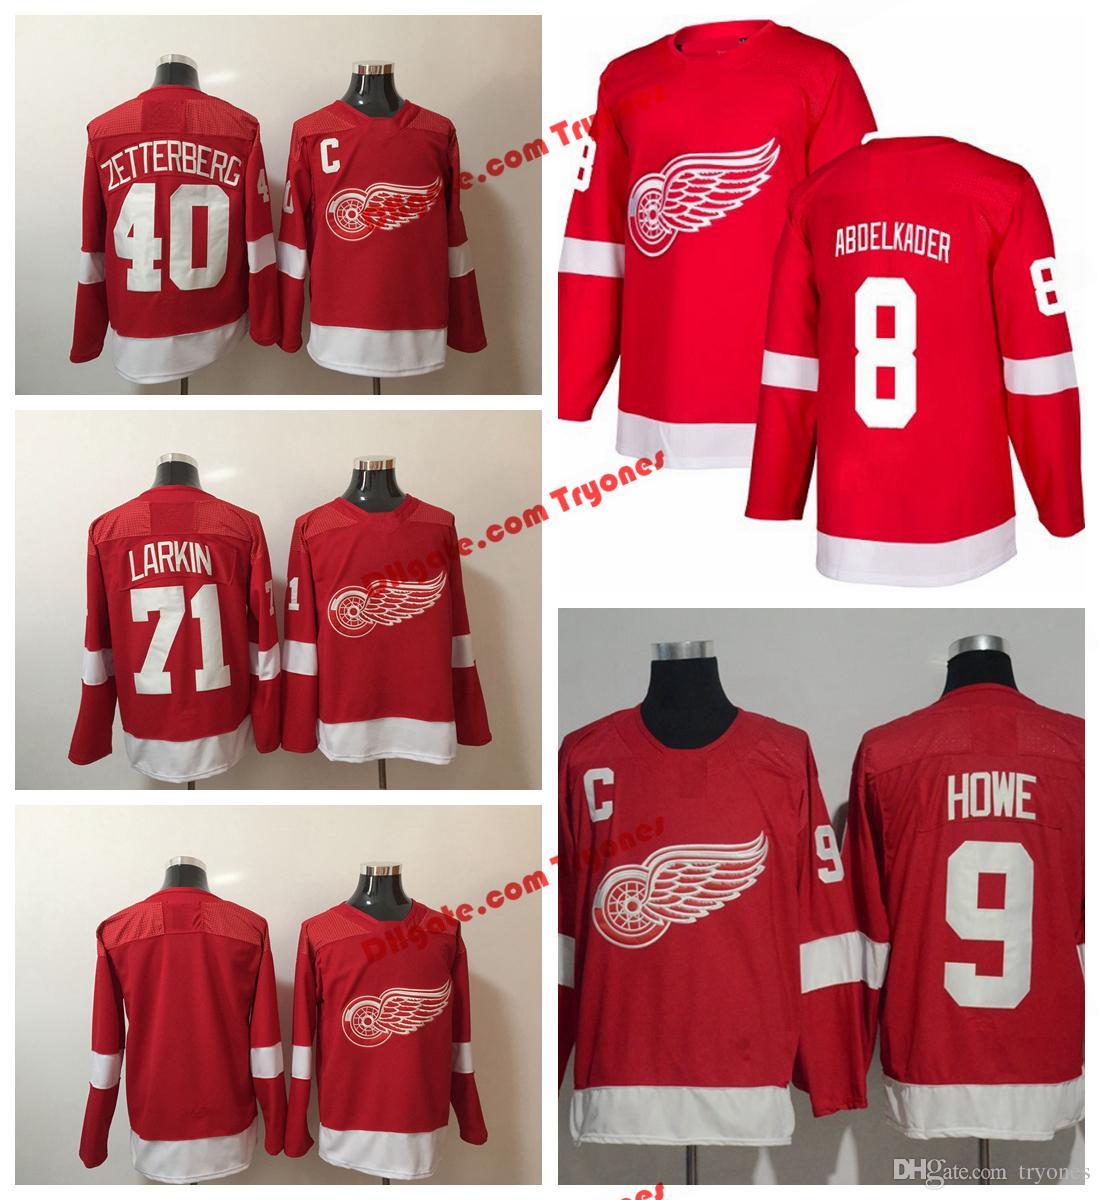 2019 2018 AD NEW Detroit Red Wings Hockey Jerseys 71 Dylan Larkin 40 Henrik  Zetterberg 9 Gordie Howe 8 Justin Abdelkader Stitched Jerseys From Tryones 038464b9d